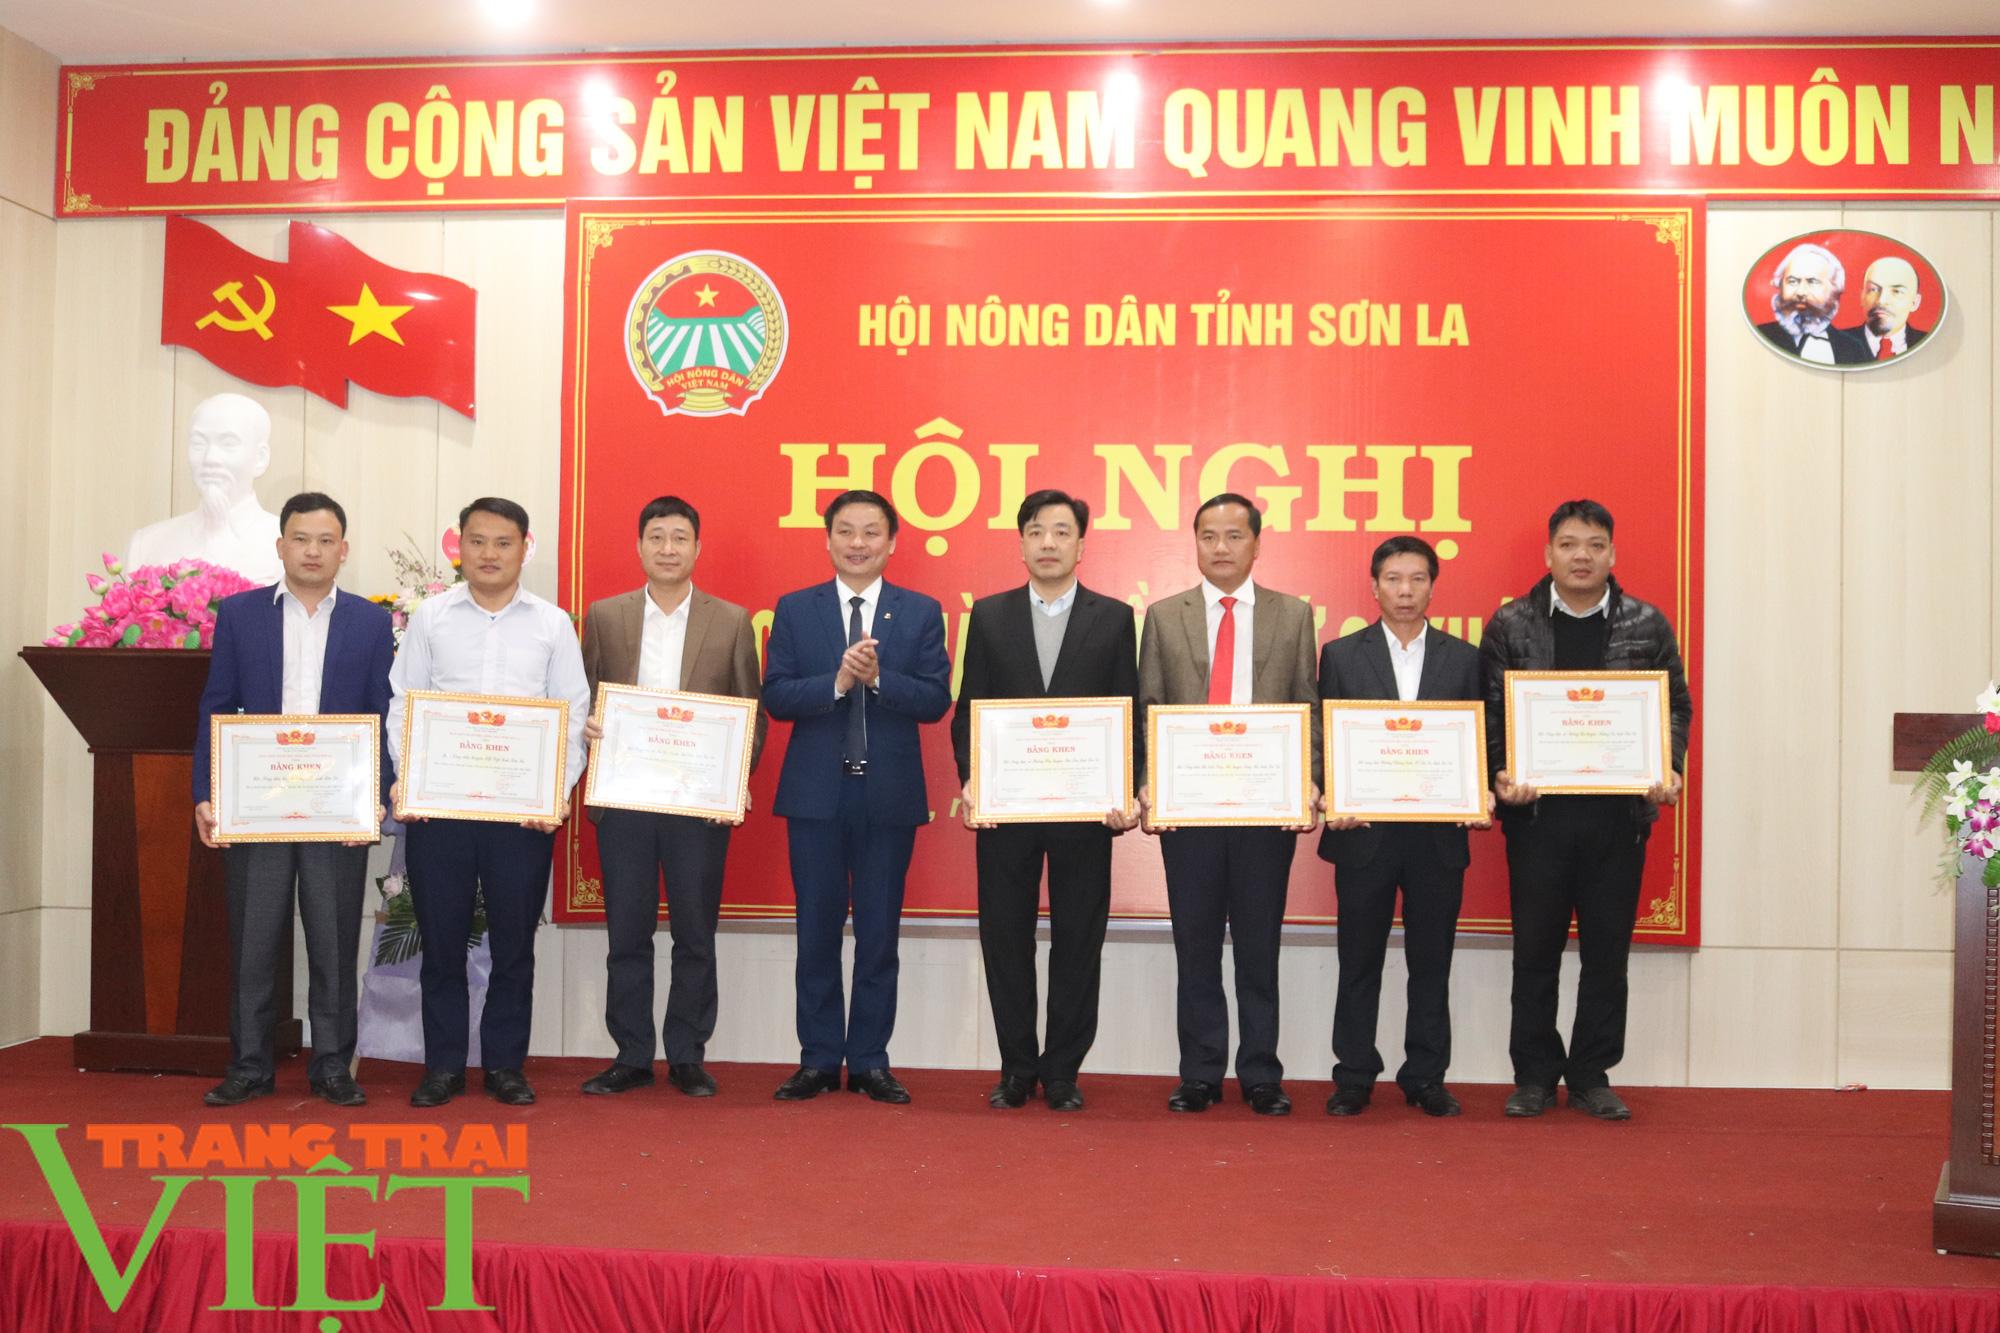 Hội Nông dân tỉnh Sơn La tổ chức Hội nghị Ban Chấp hành Hội Nông dân lần thứ 9, khoá IX - Ảnh 6.